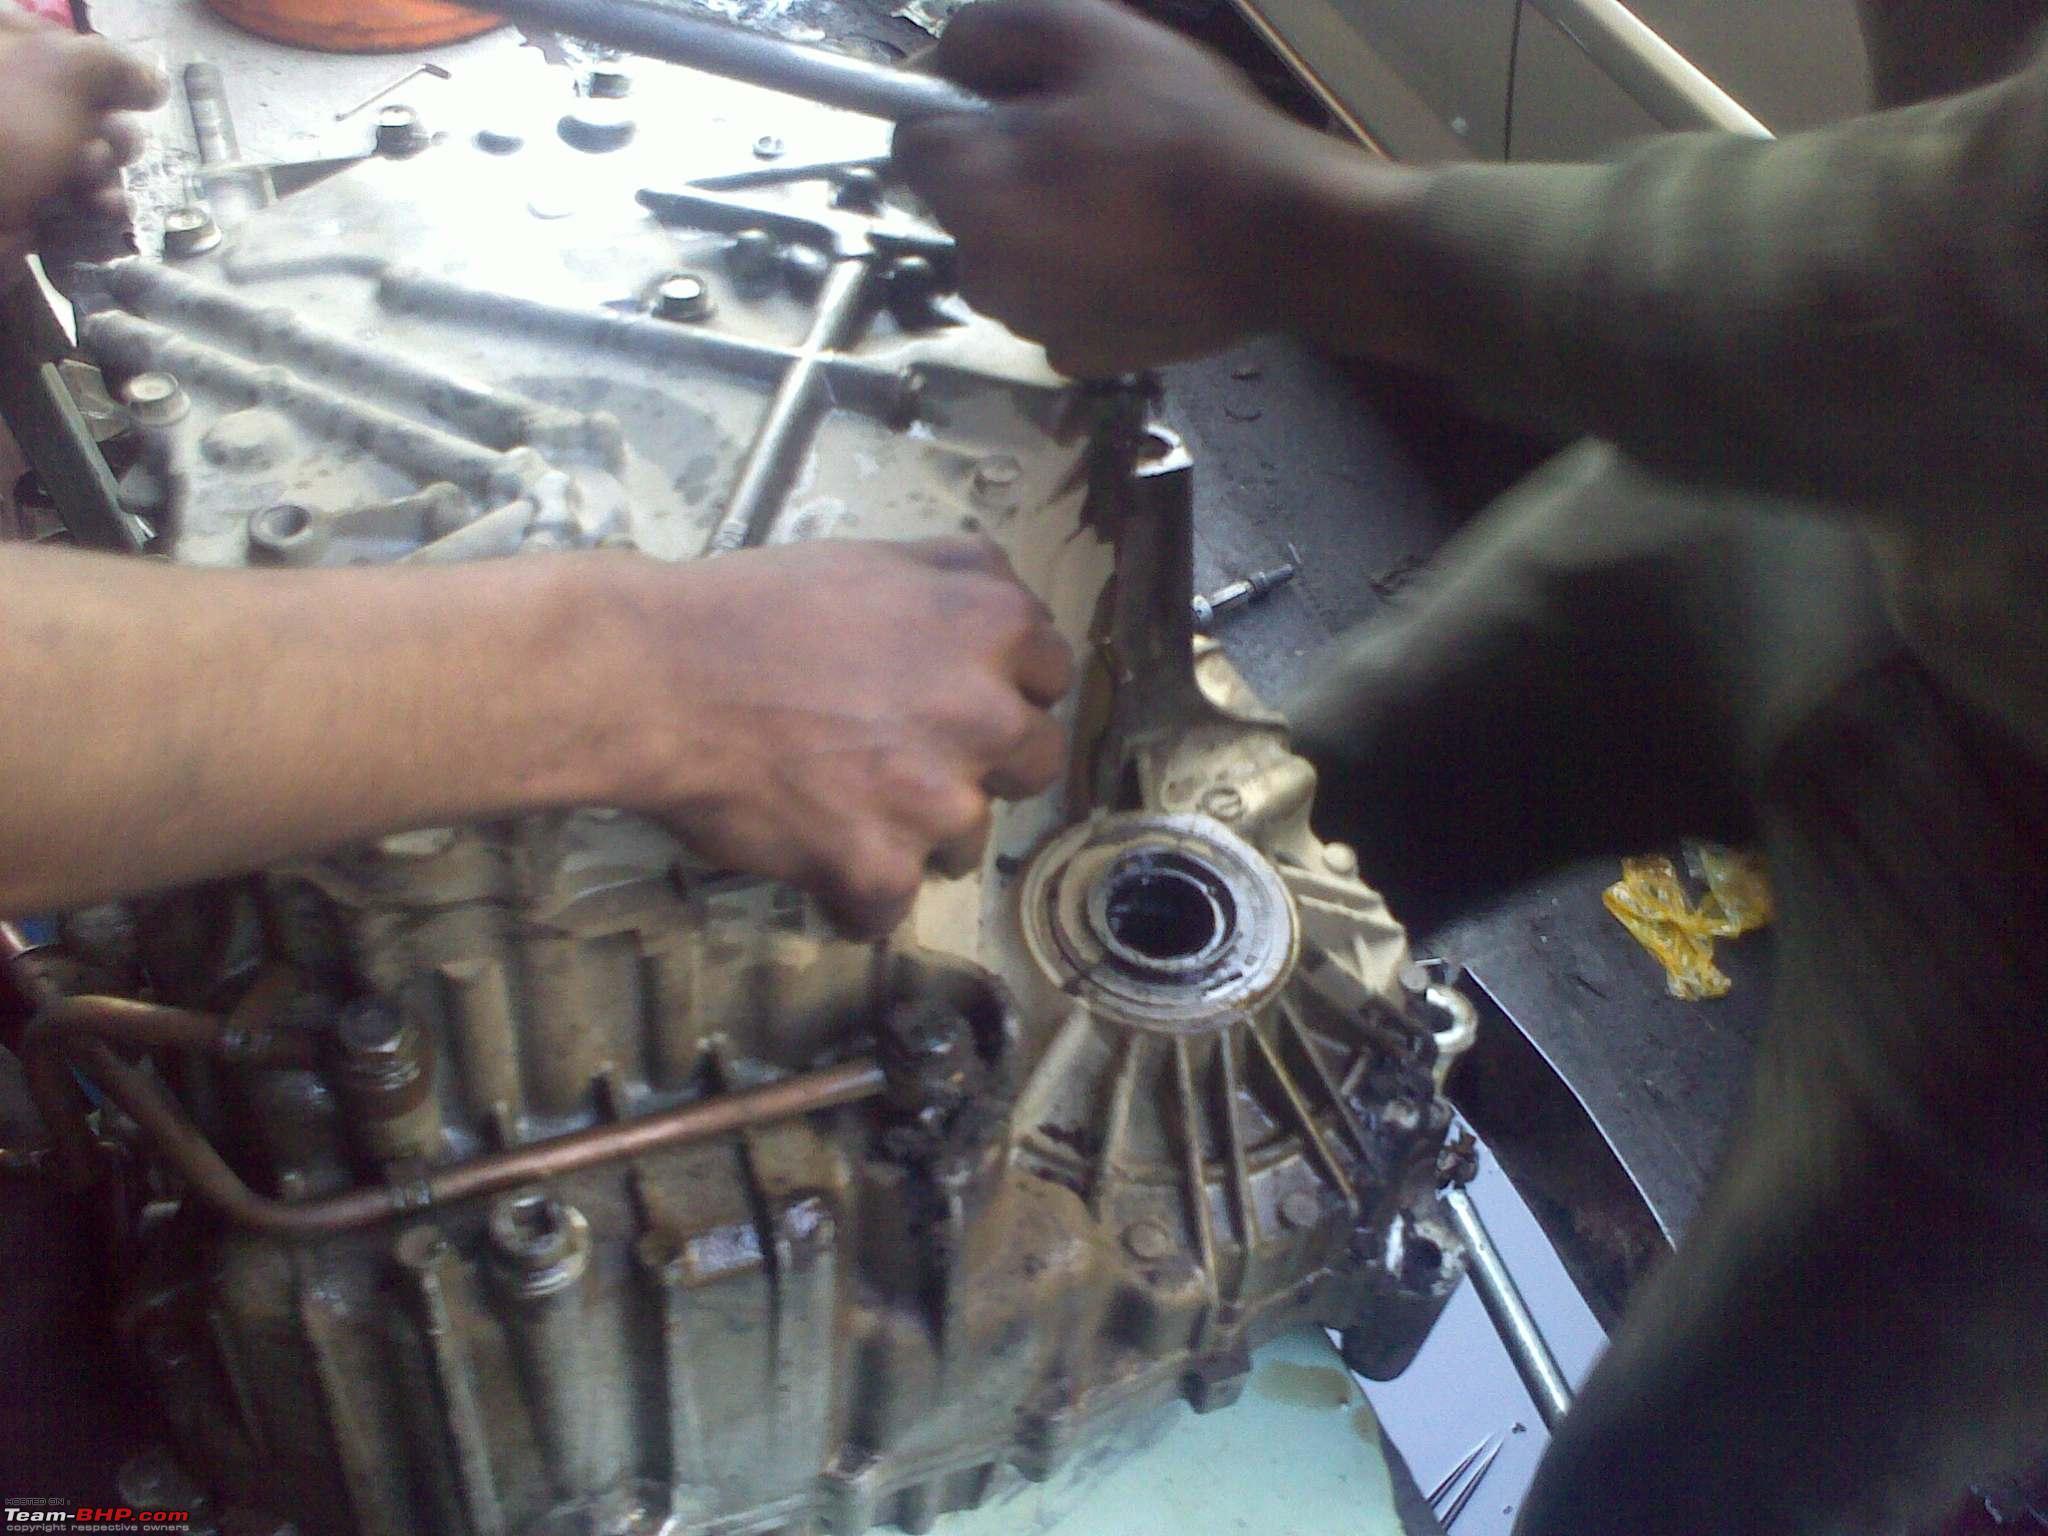 Pics Overhauling A Honda City Cvt Transmission Team Bhp Diagram 26022012172